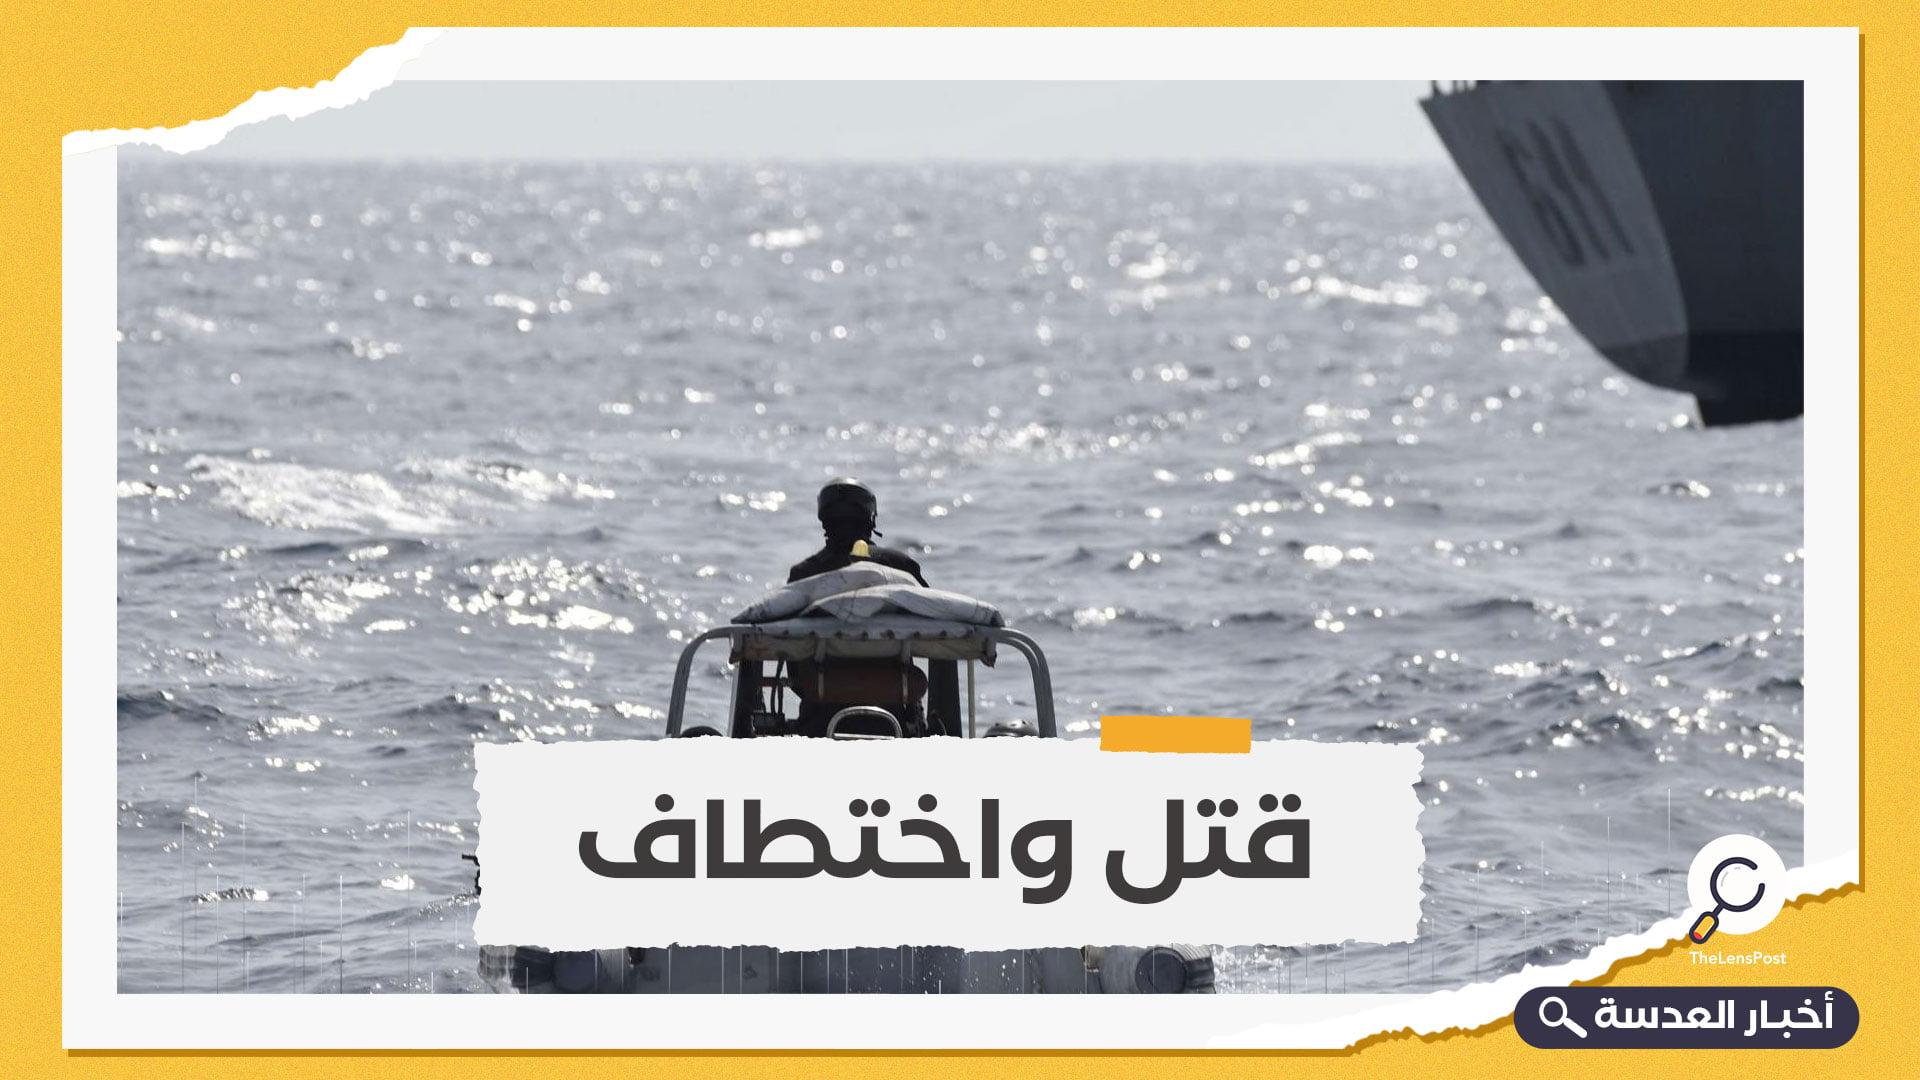 قُتل شخص واختطاف 15 آخرون خلال هجوم على سفينة تركية في خليج غينيا.. وأردوغان يتدخل